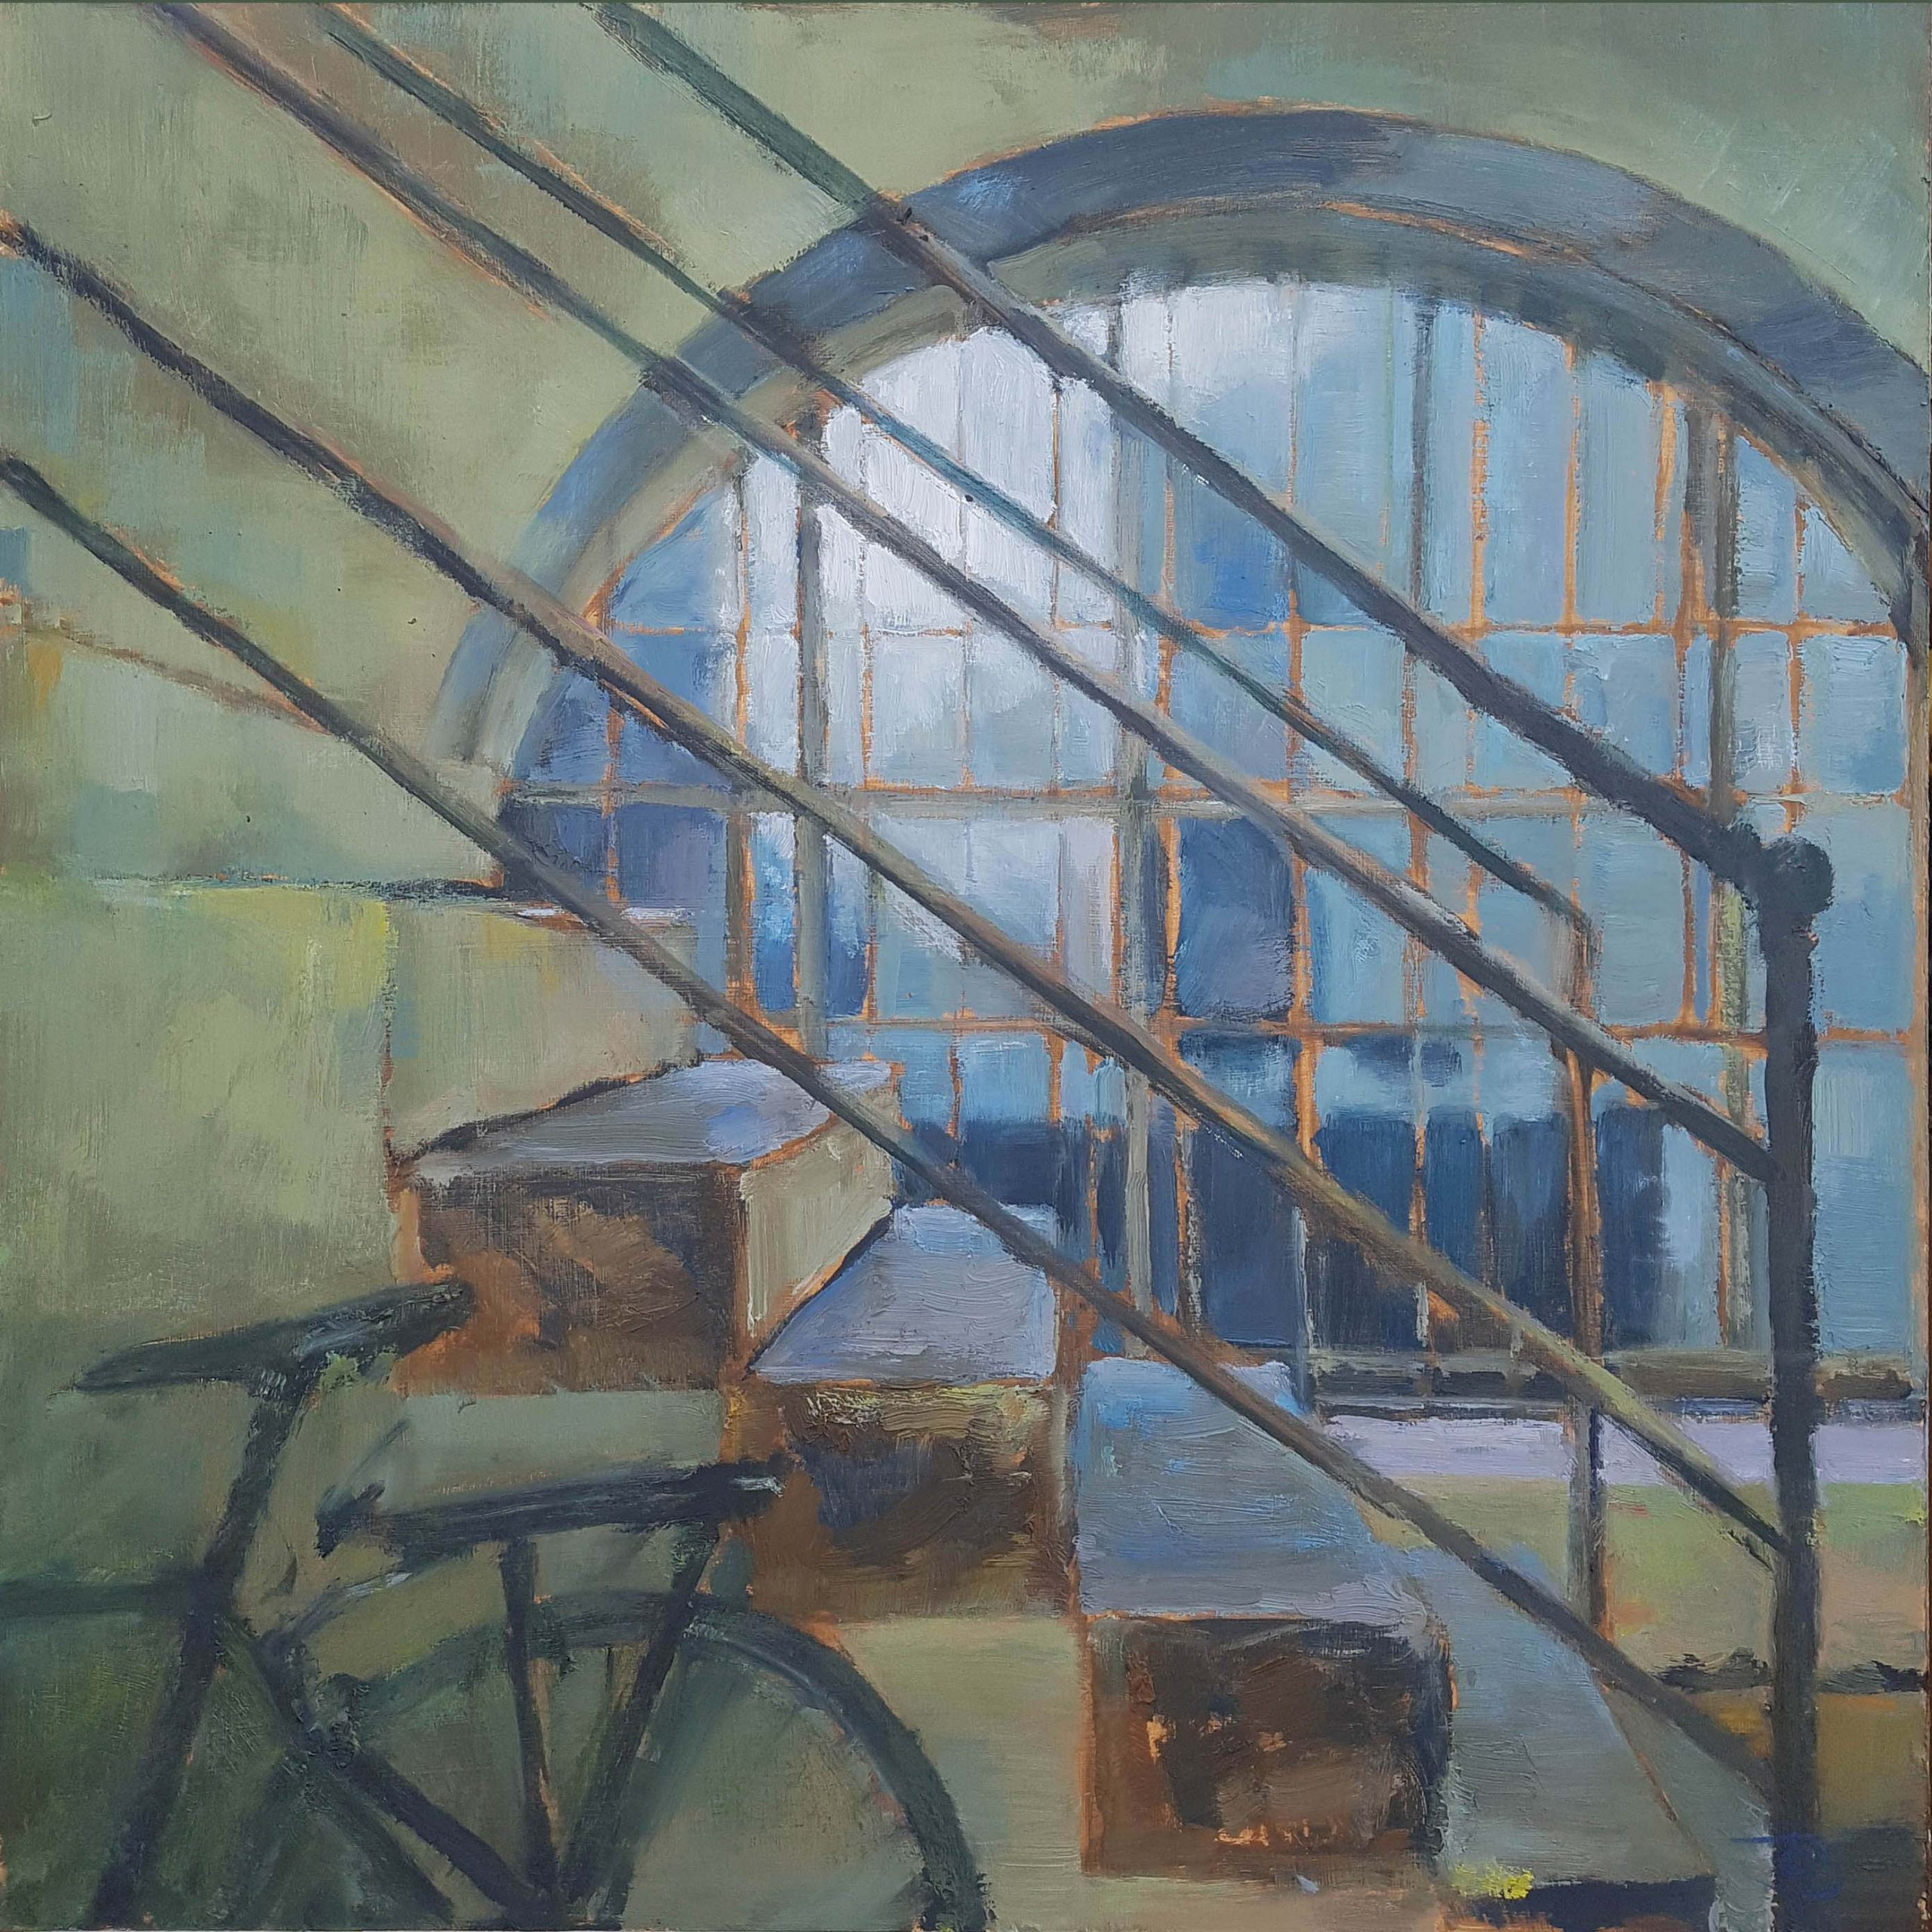 Arch, 2020, Oil on board, 45 x 45cm | Julia Brown